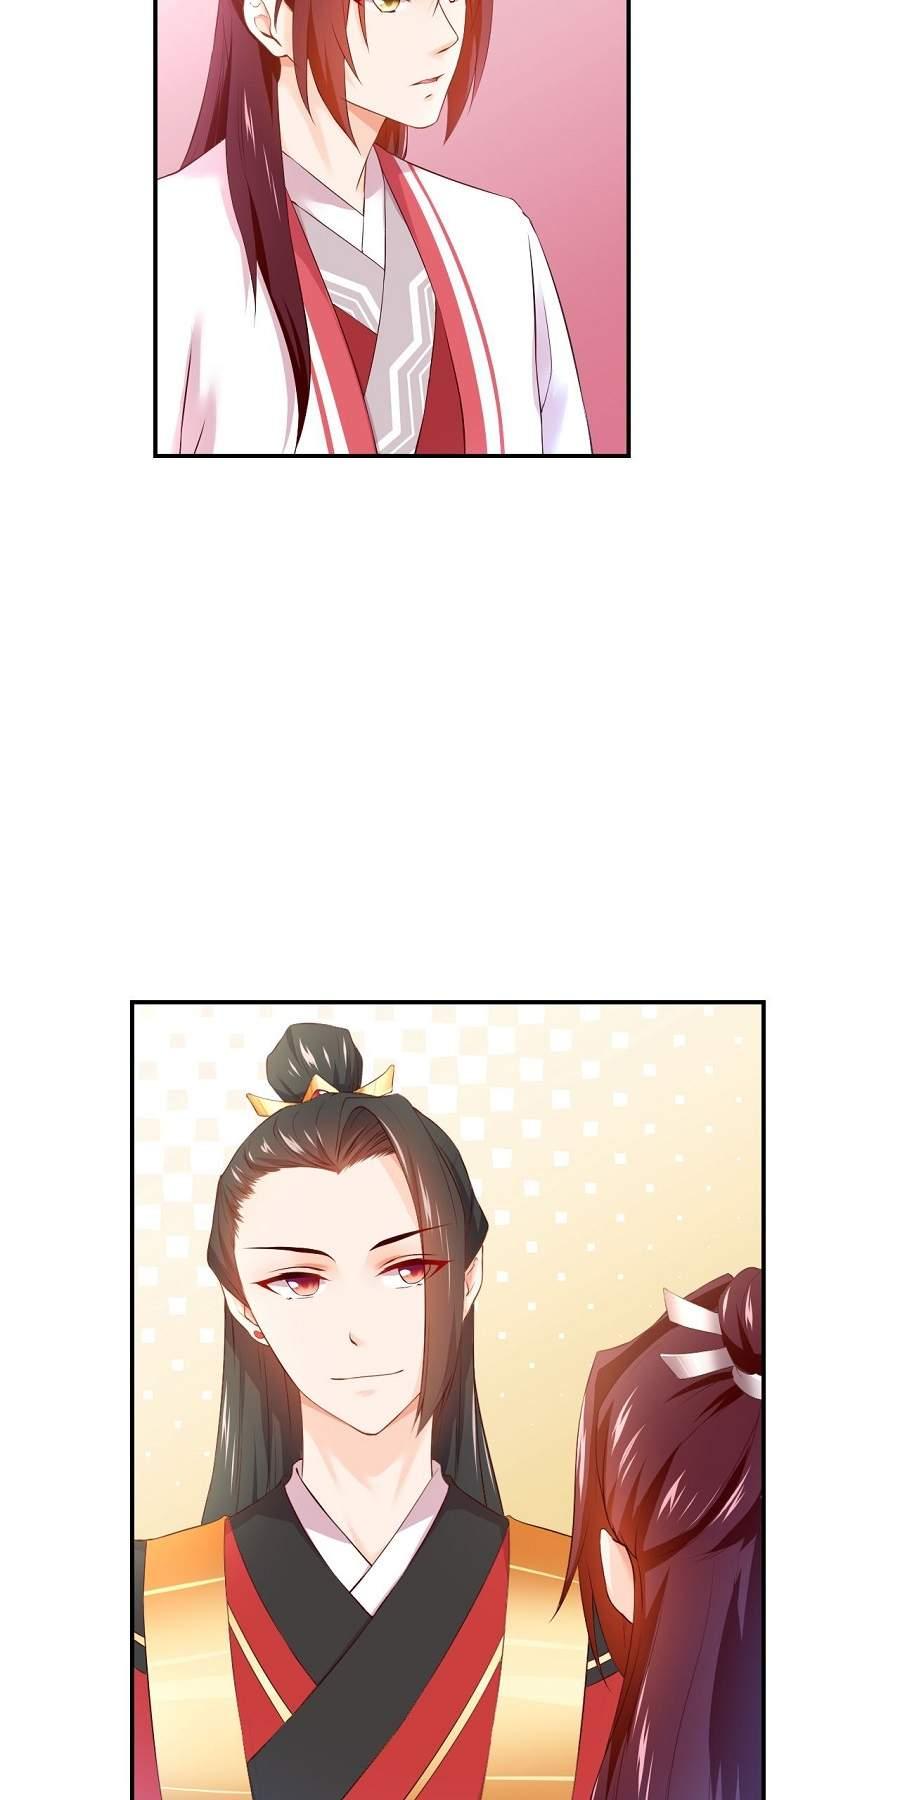 盛世帝王妃第63话  试探 第 11